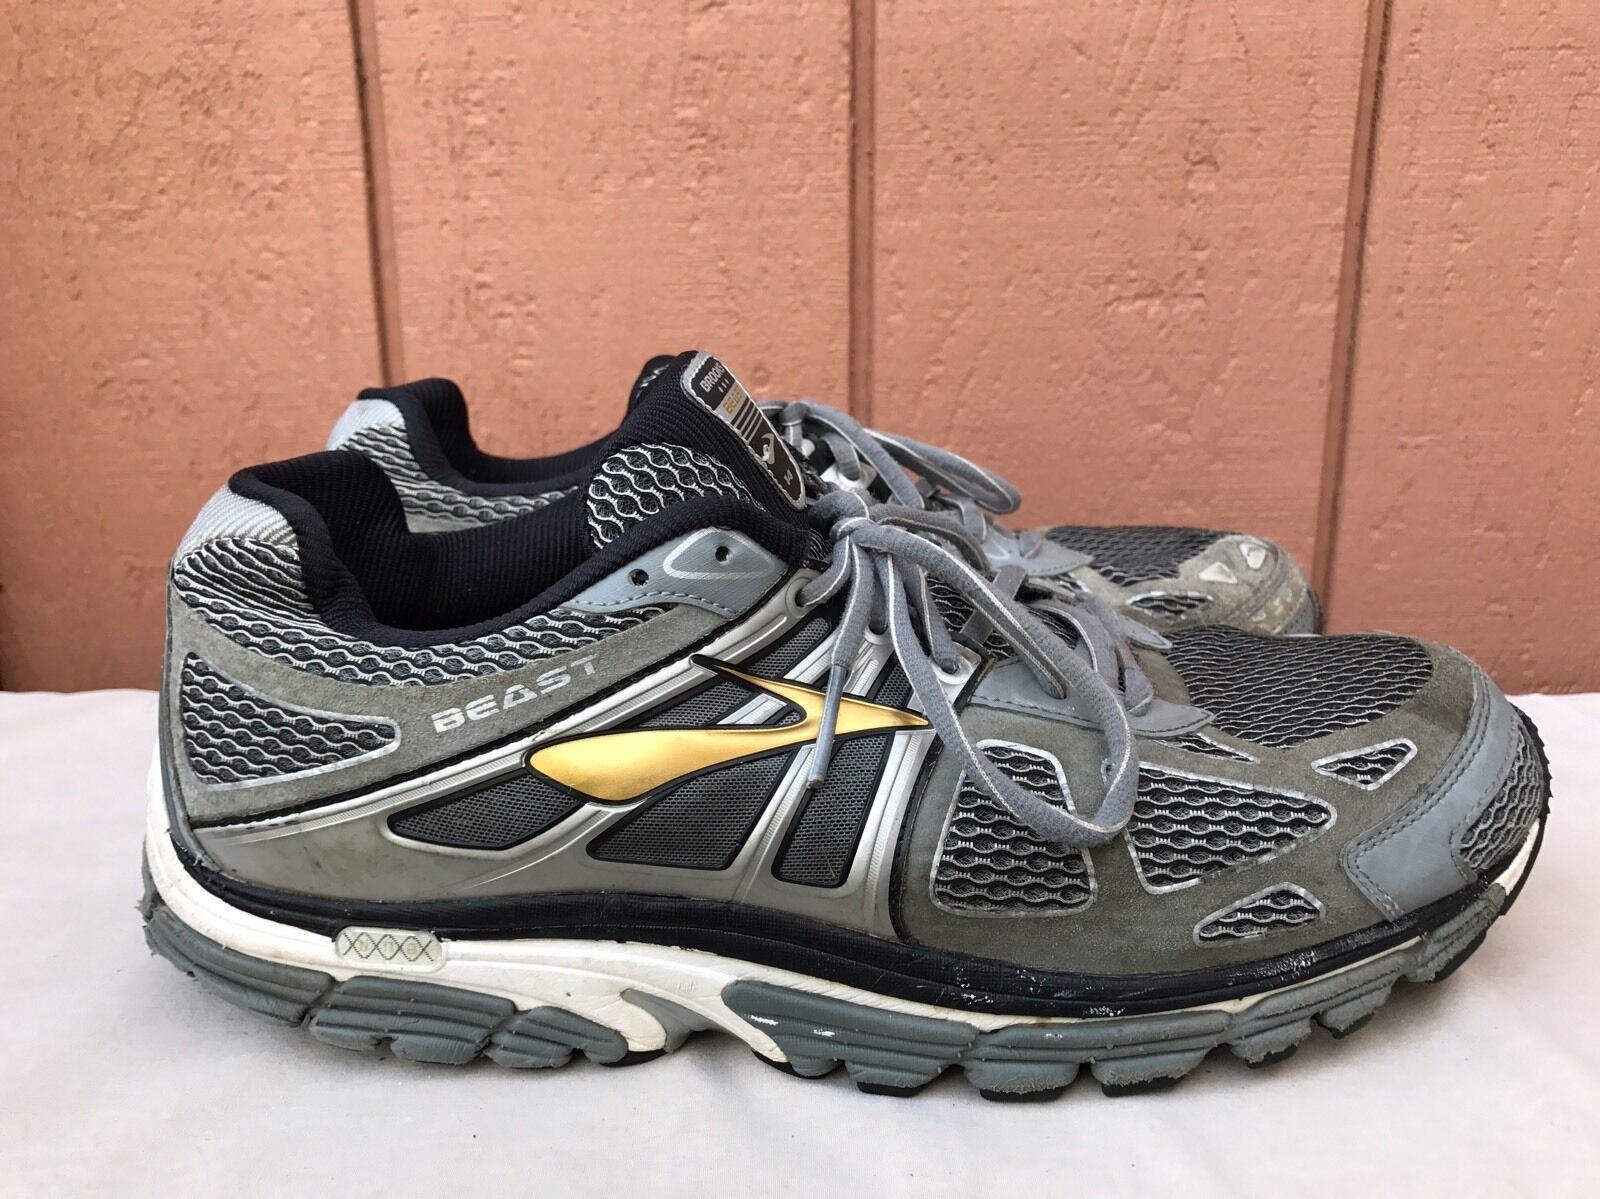 Brooks bestia 14 uomini scarpe da scarpe corsa scarpe da argento / oro noi 12,5 4e 200bd7